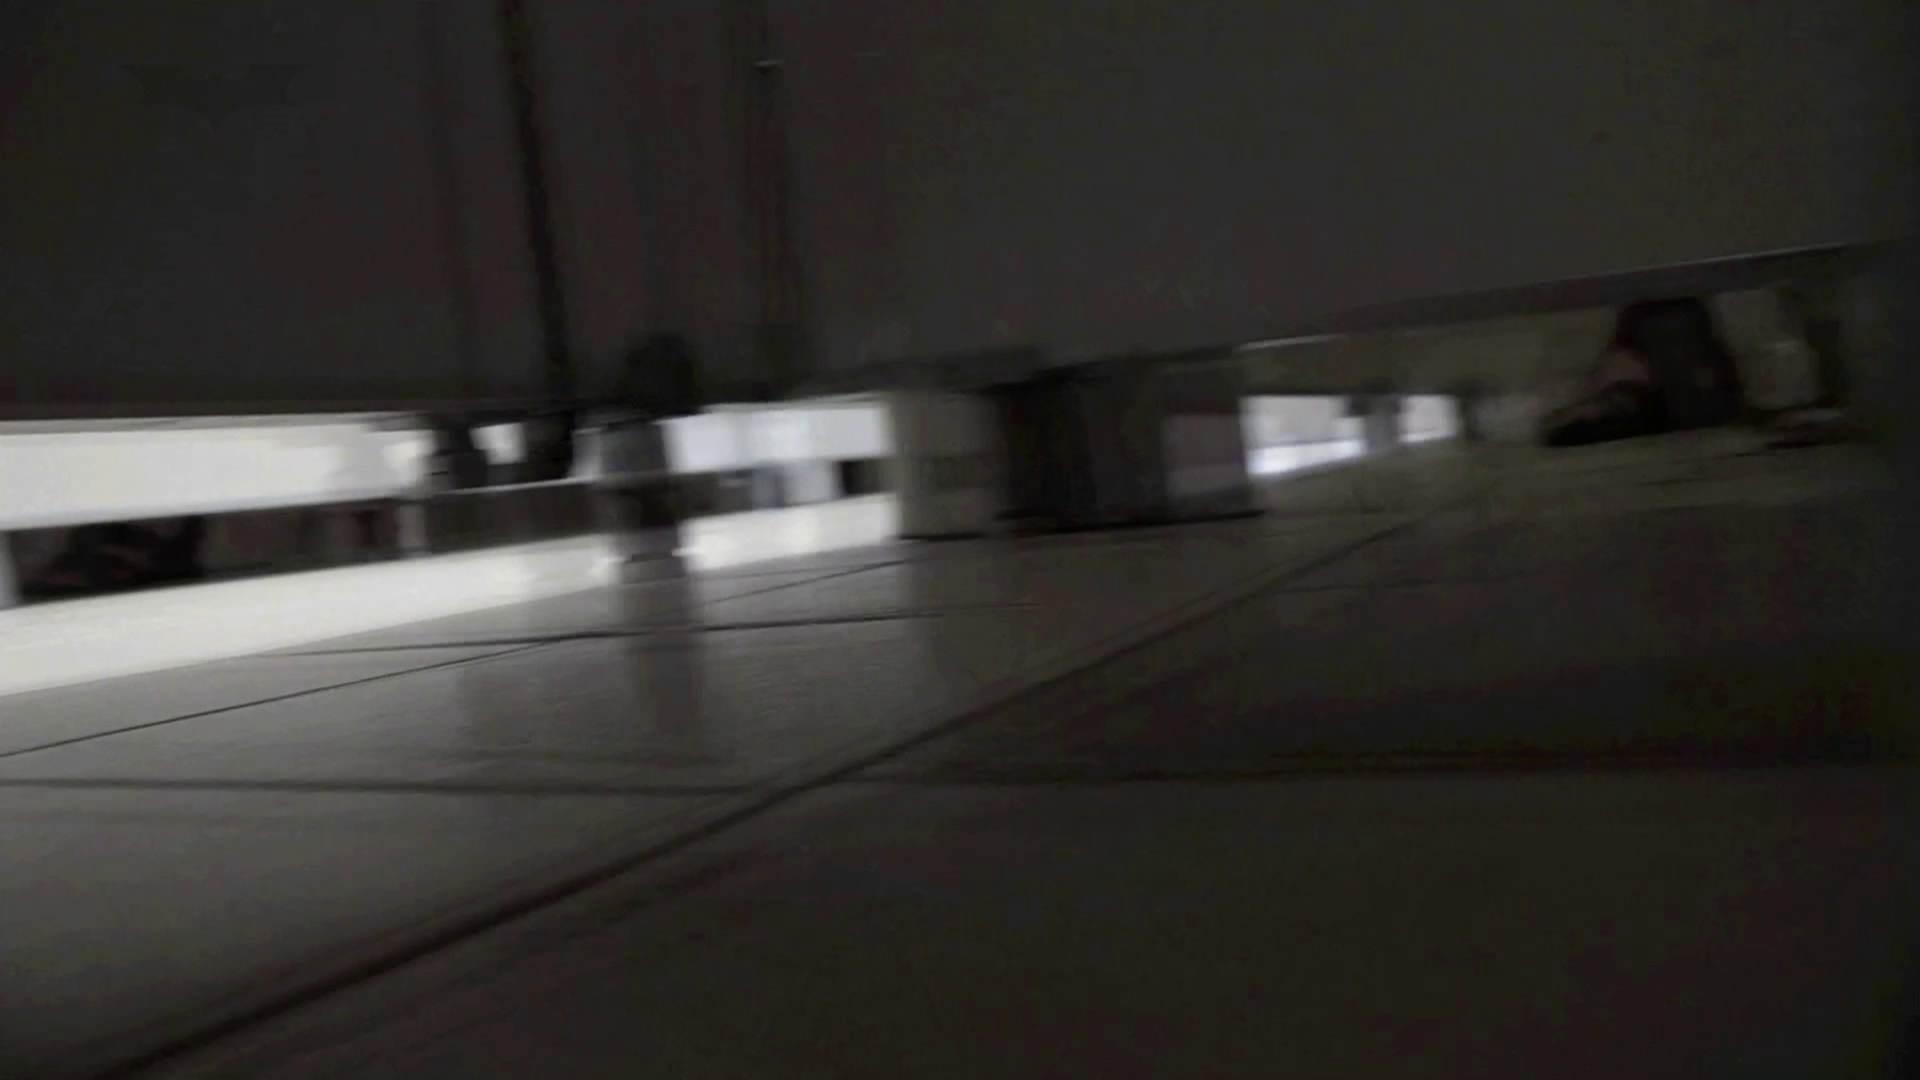 日本の未来 No.07 NO5ついに異次元に侵入の顔撮り初公開です。 モデルエロ映像  59pic 34